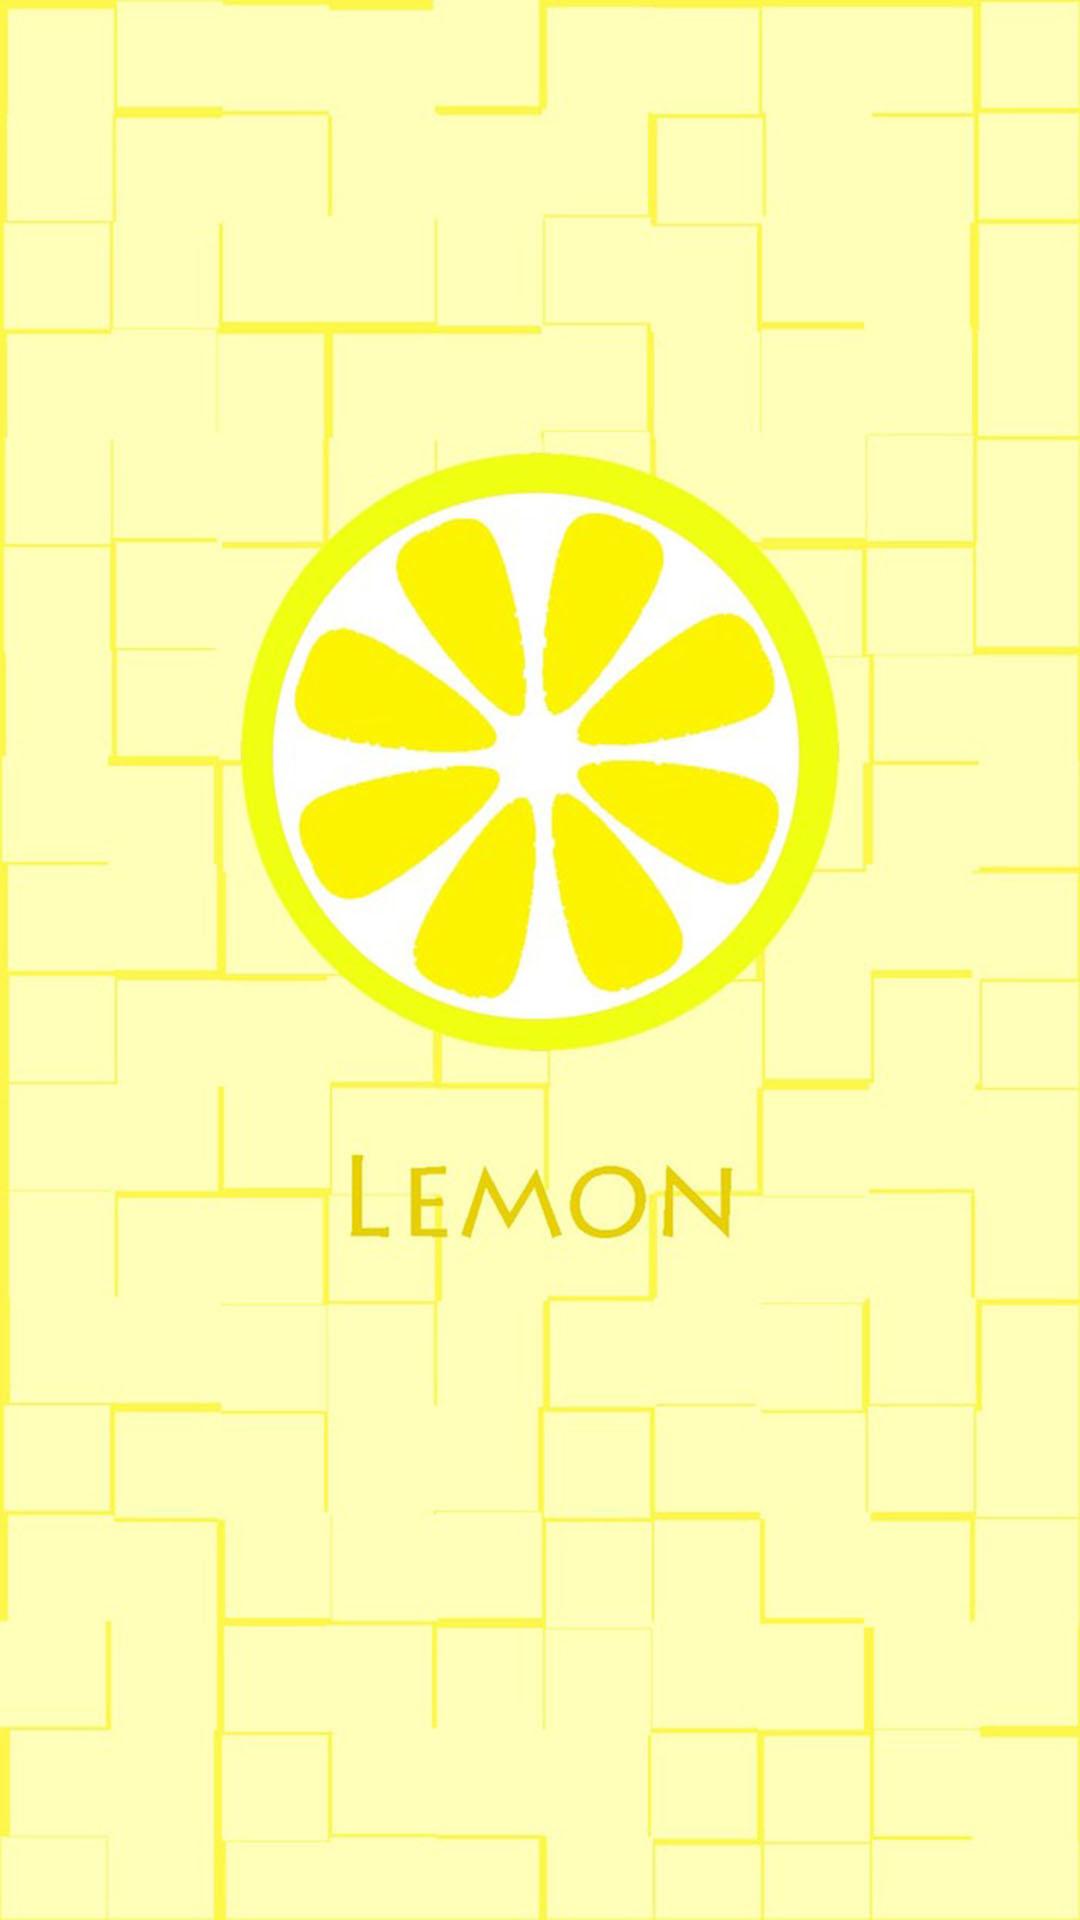 卡通 柠檬 lemon 苹果手机高清壁纸 1080x1920_爱思